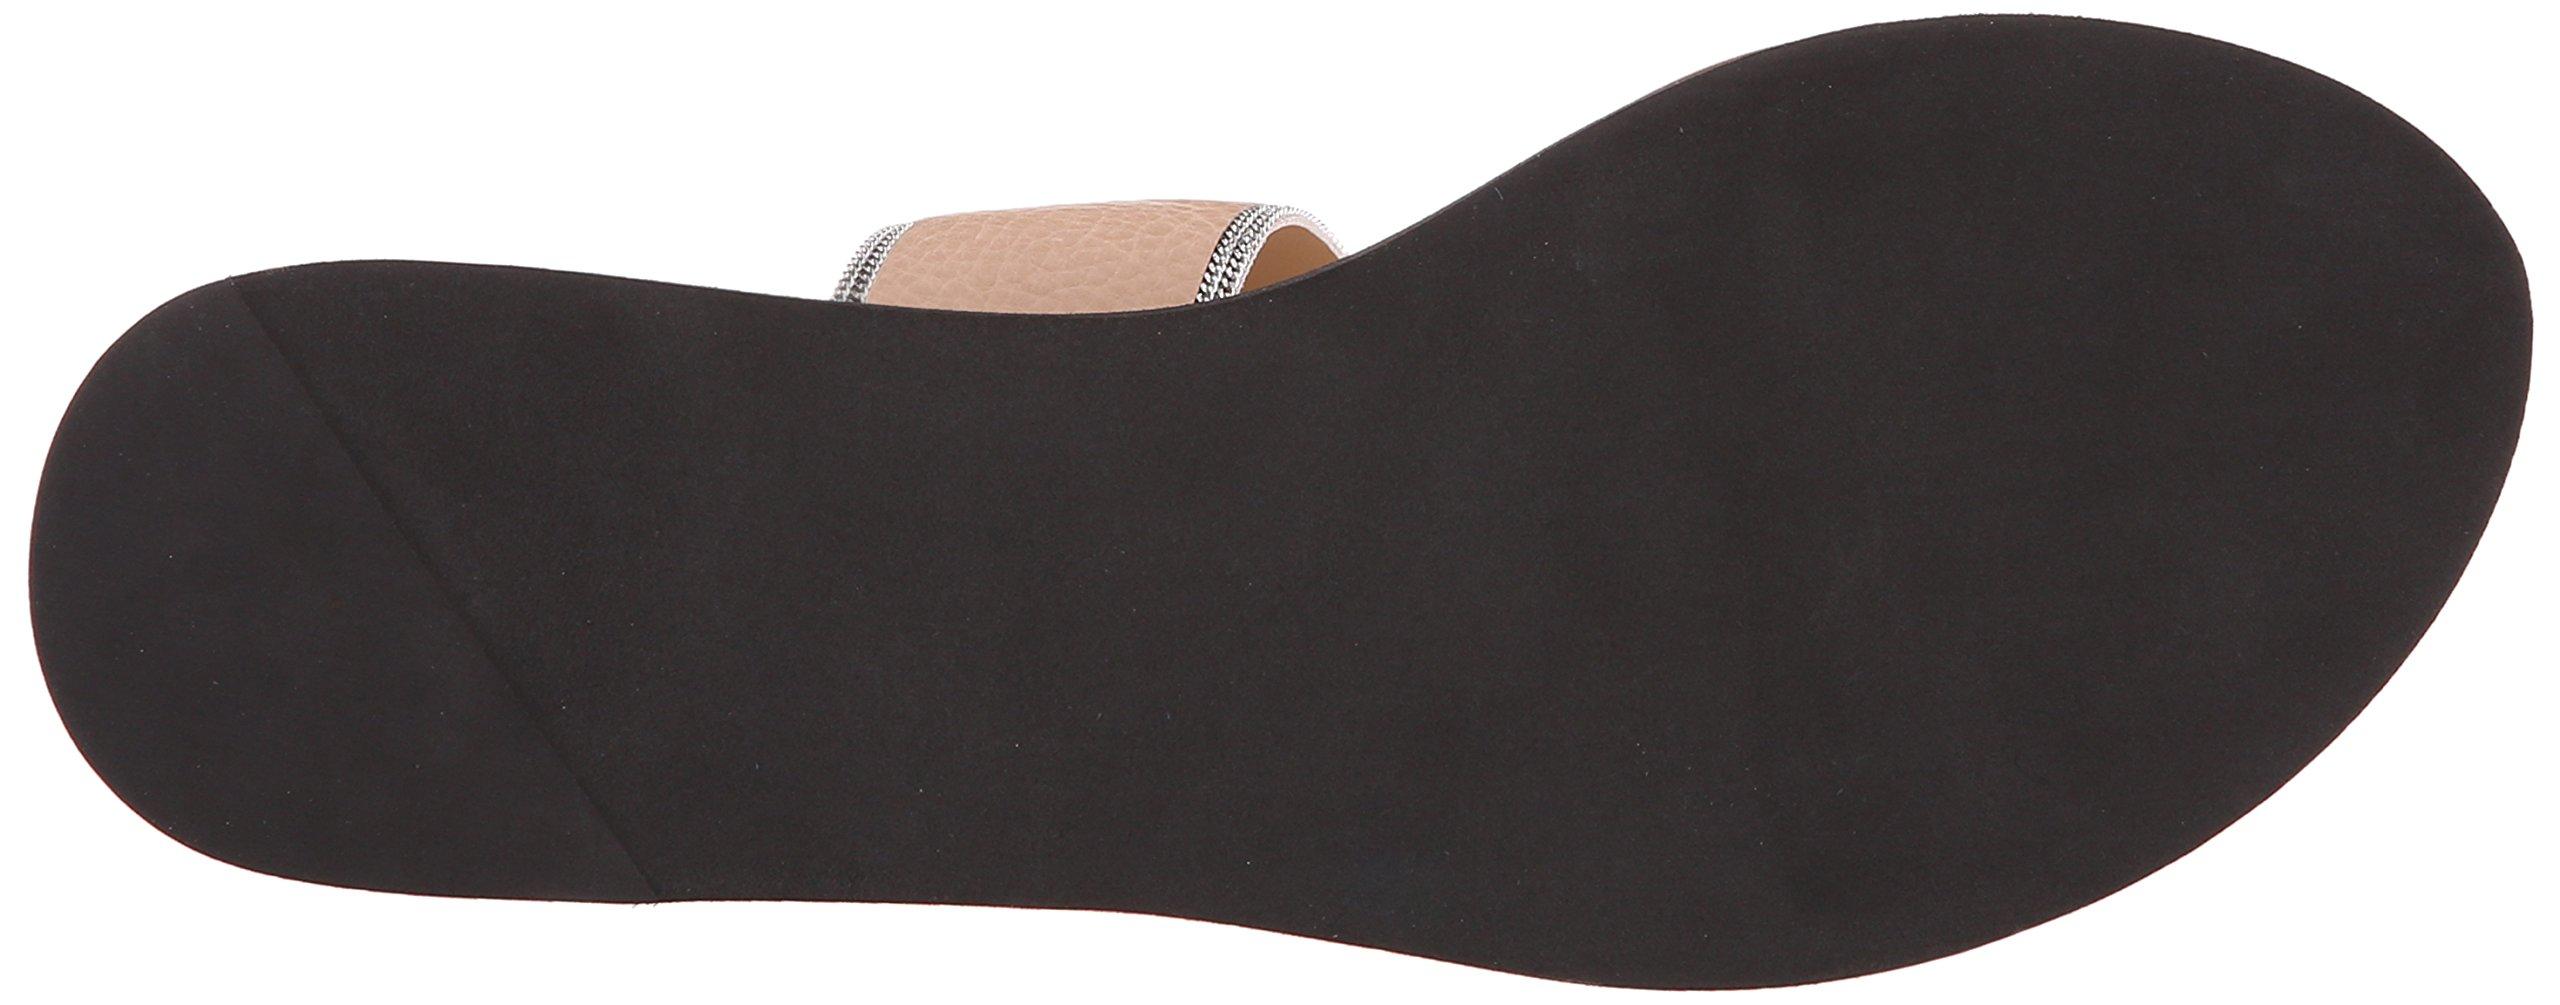 Delman Women's D-Una-V Slide Sandal, Sand Dune Vachetta/Fine Chain, 9.5 M US by Delman (Image #3)